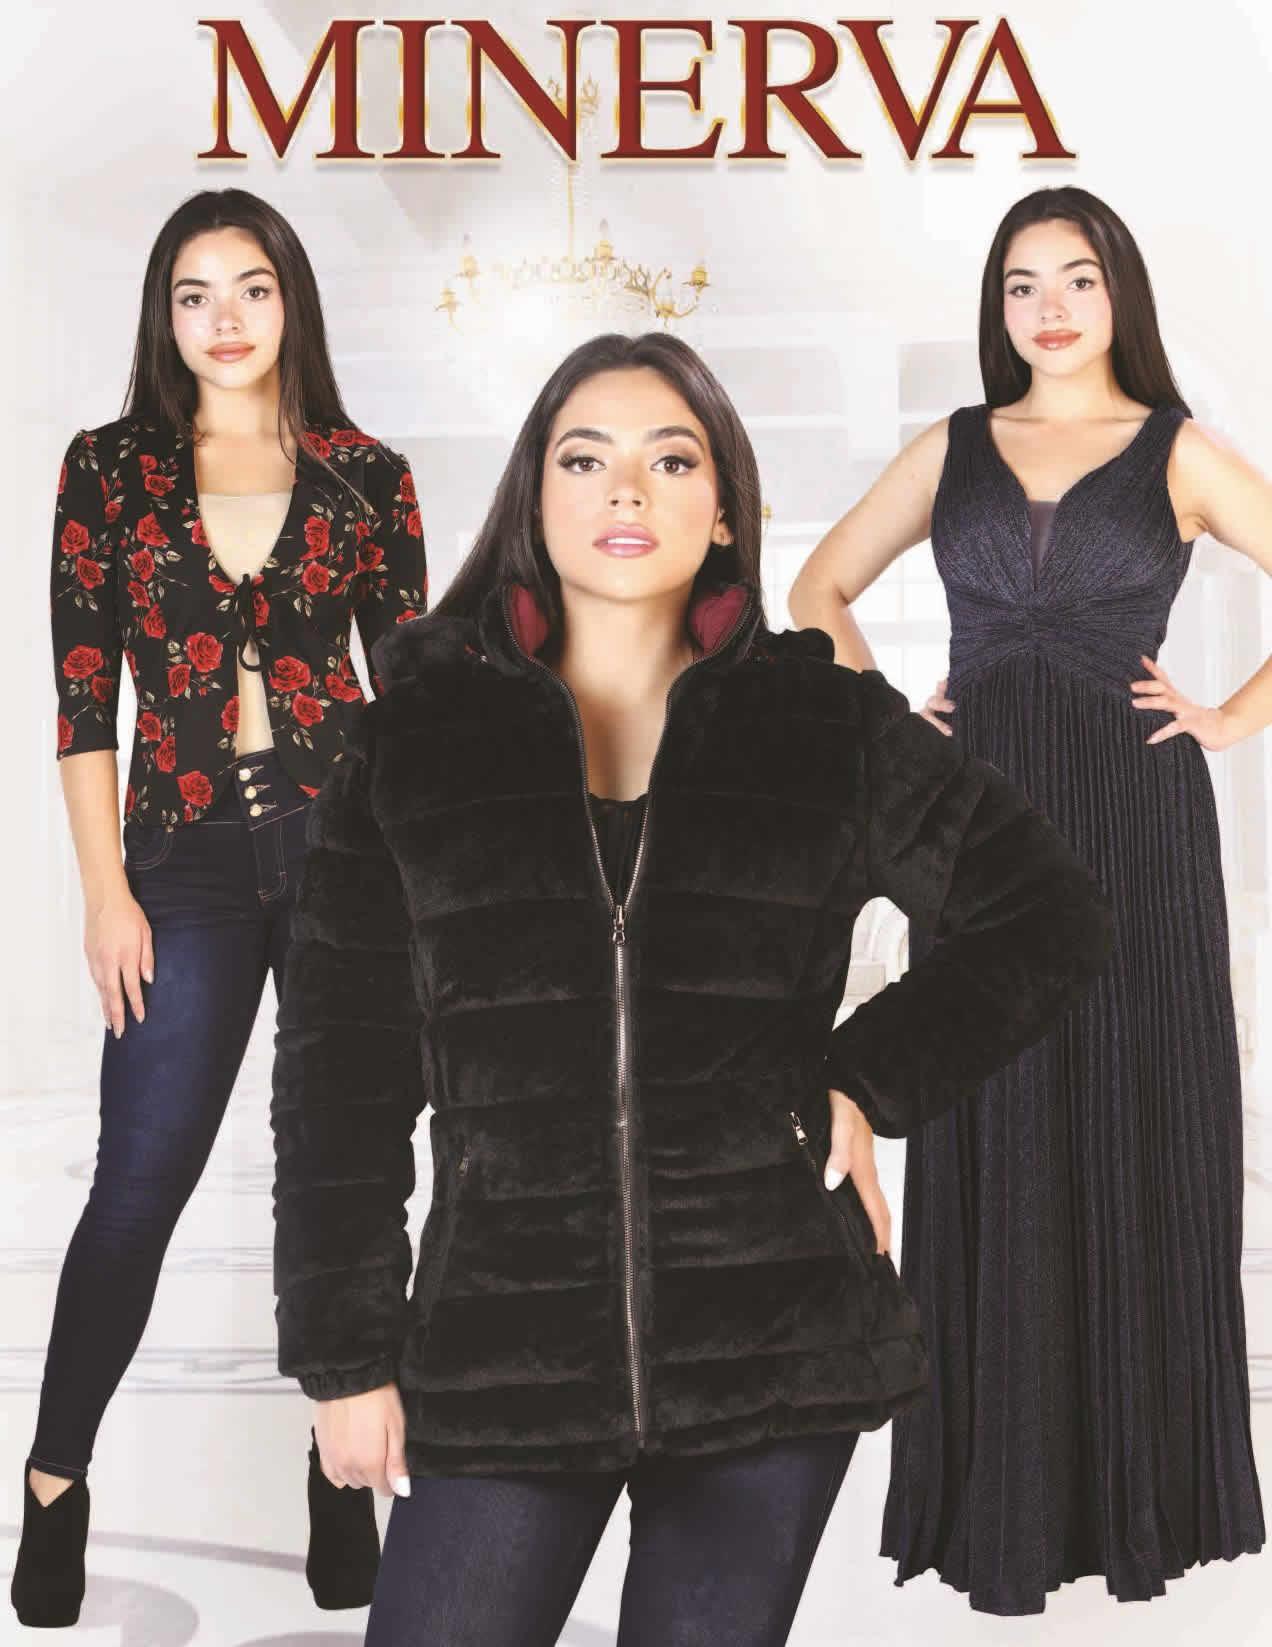 Minerva Moda y Estilo Catalogo